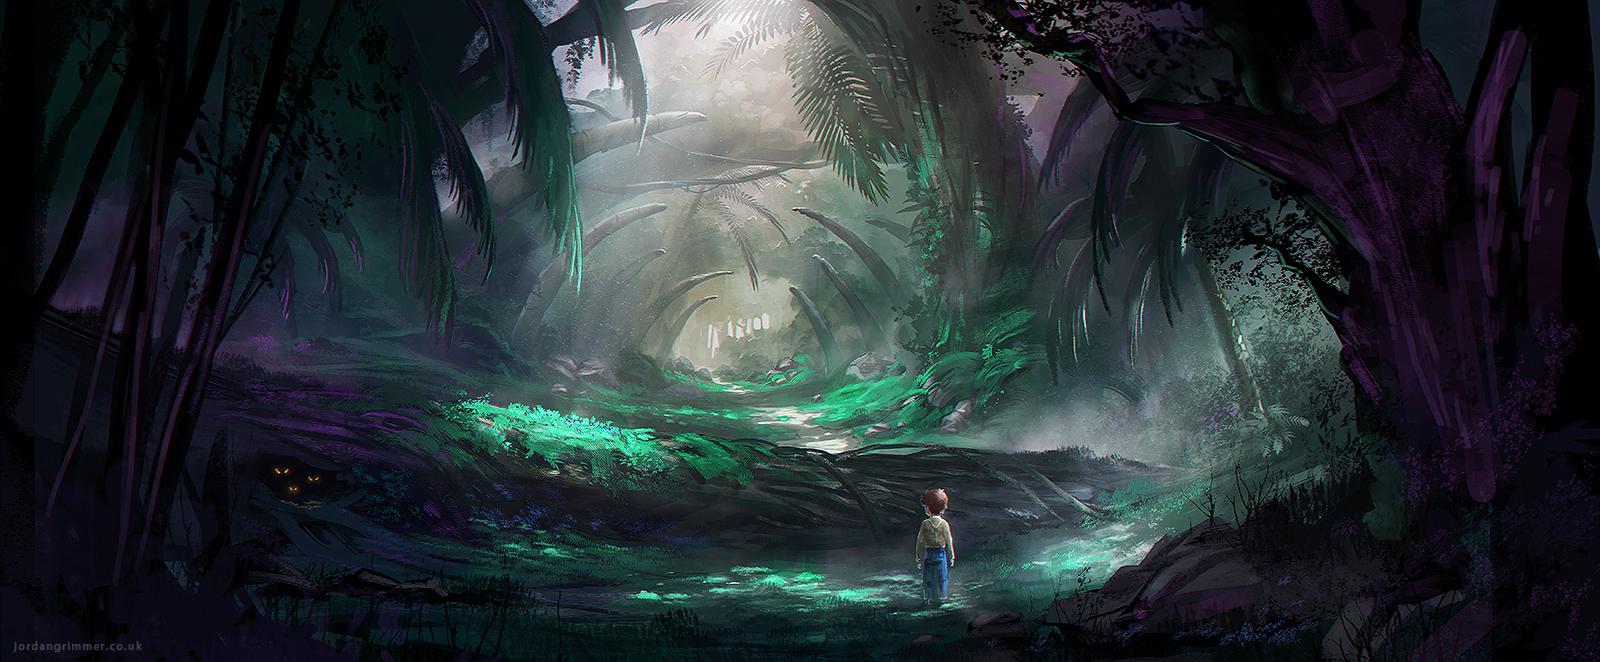 Deep dark wood by jordangrimmer digital art drawings paintings